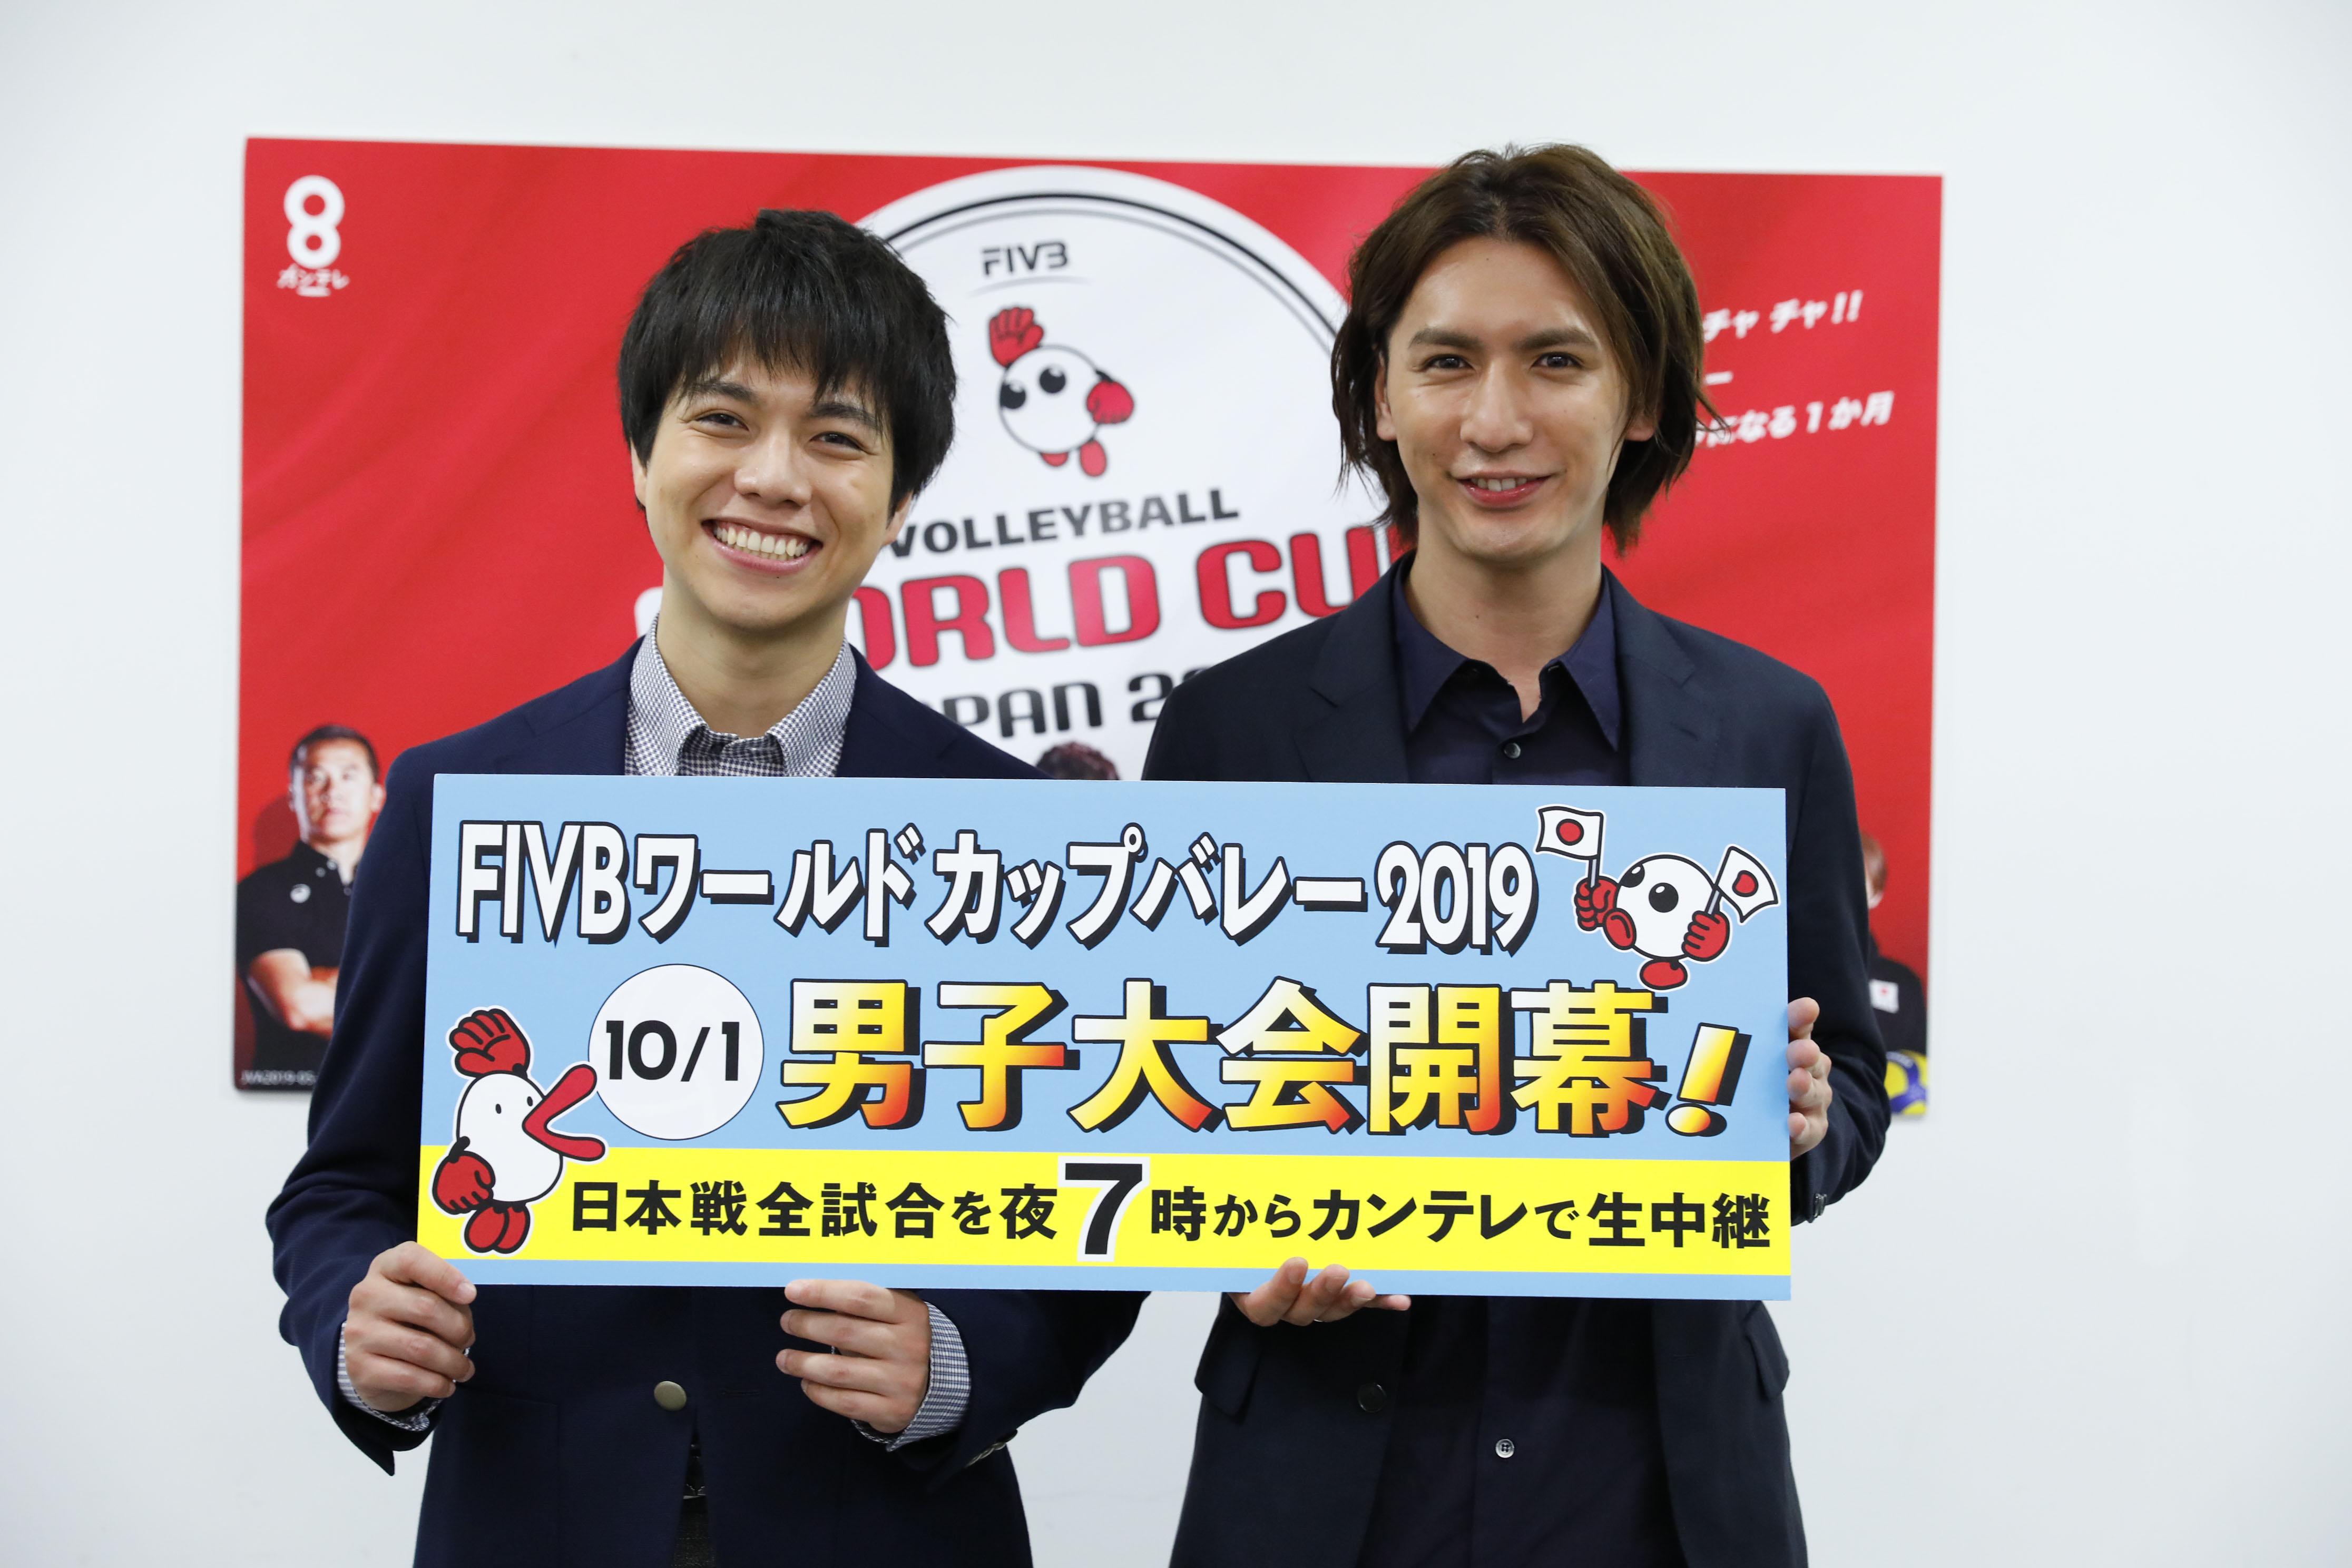 ワールド カップ バレー 男子 メンバー